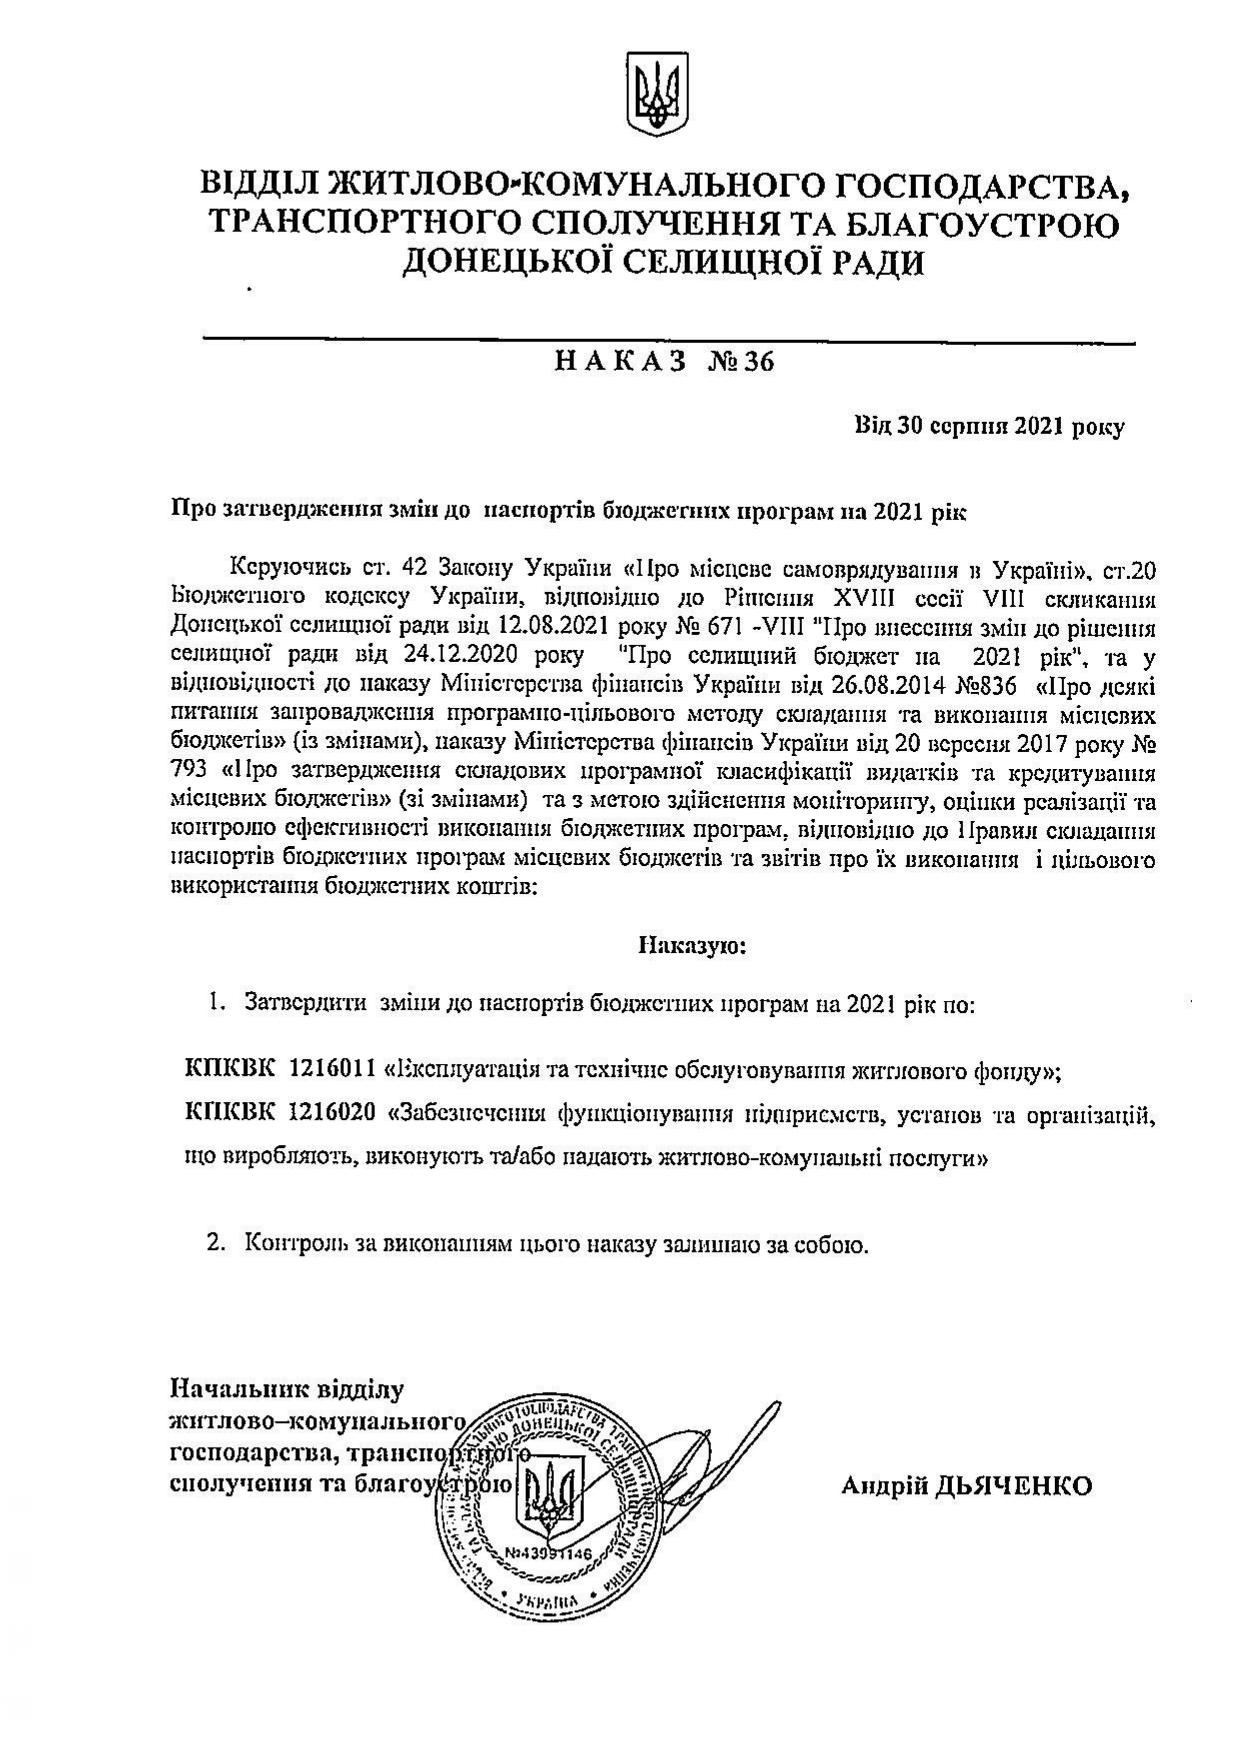 Наказ №36 Про затвердження змін до паспортів бюджетних програм на 2021 рік